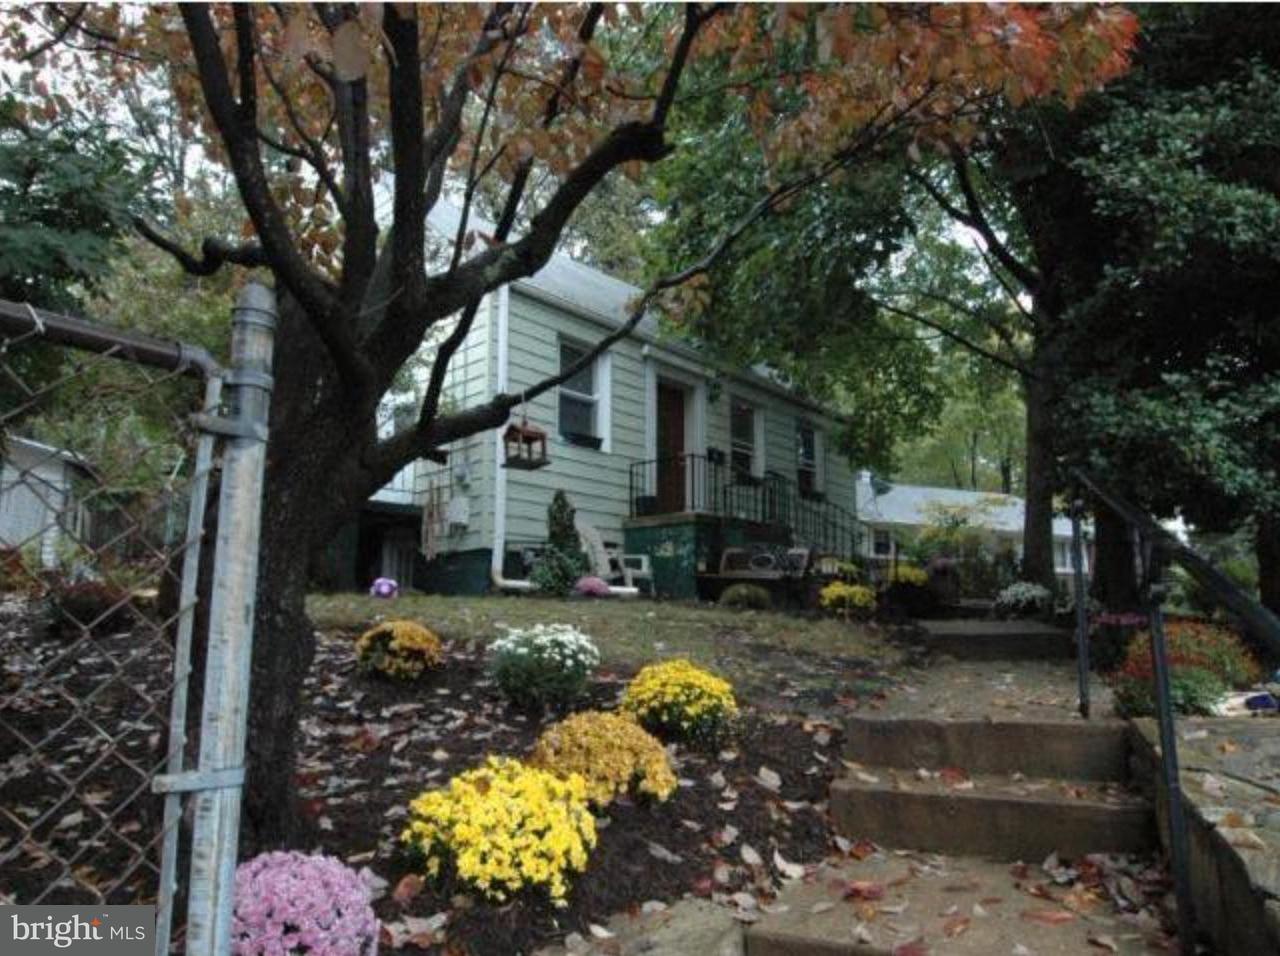 Land für Verkauf beim 1513 N. Ohio Street 1513 N. Ohio Street Arlington, Virginia 22205 Vereinigte Staaten